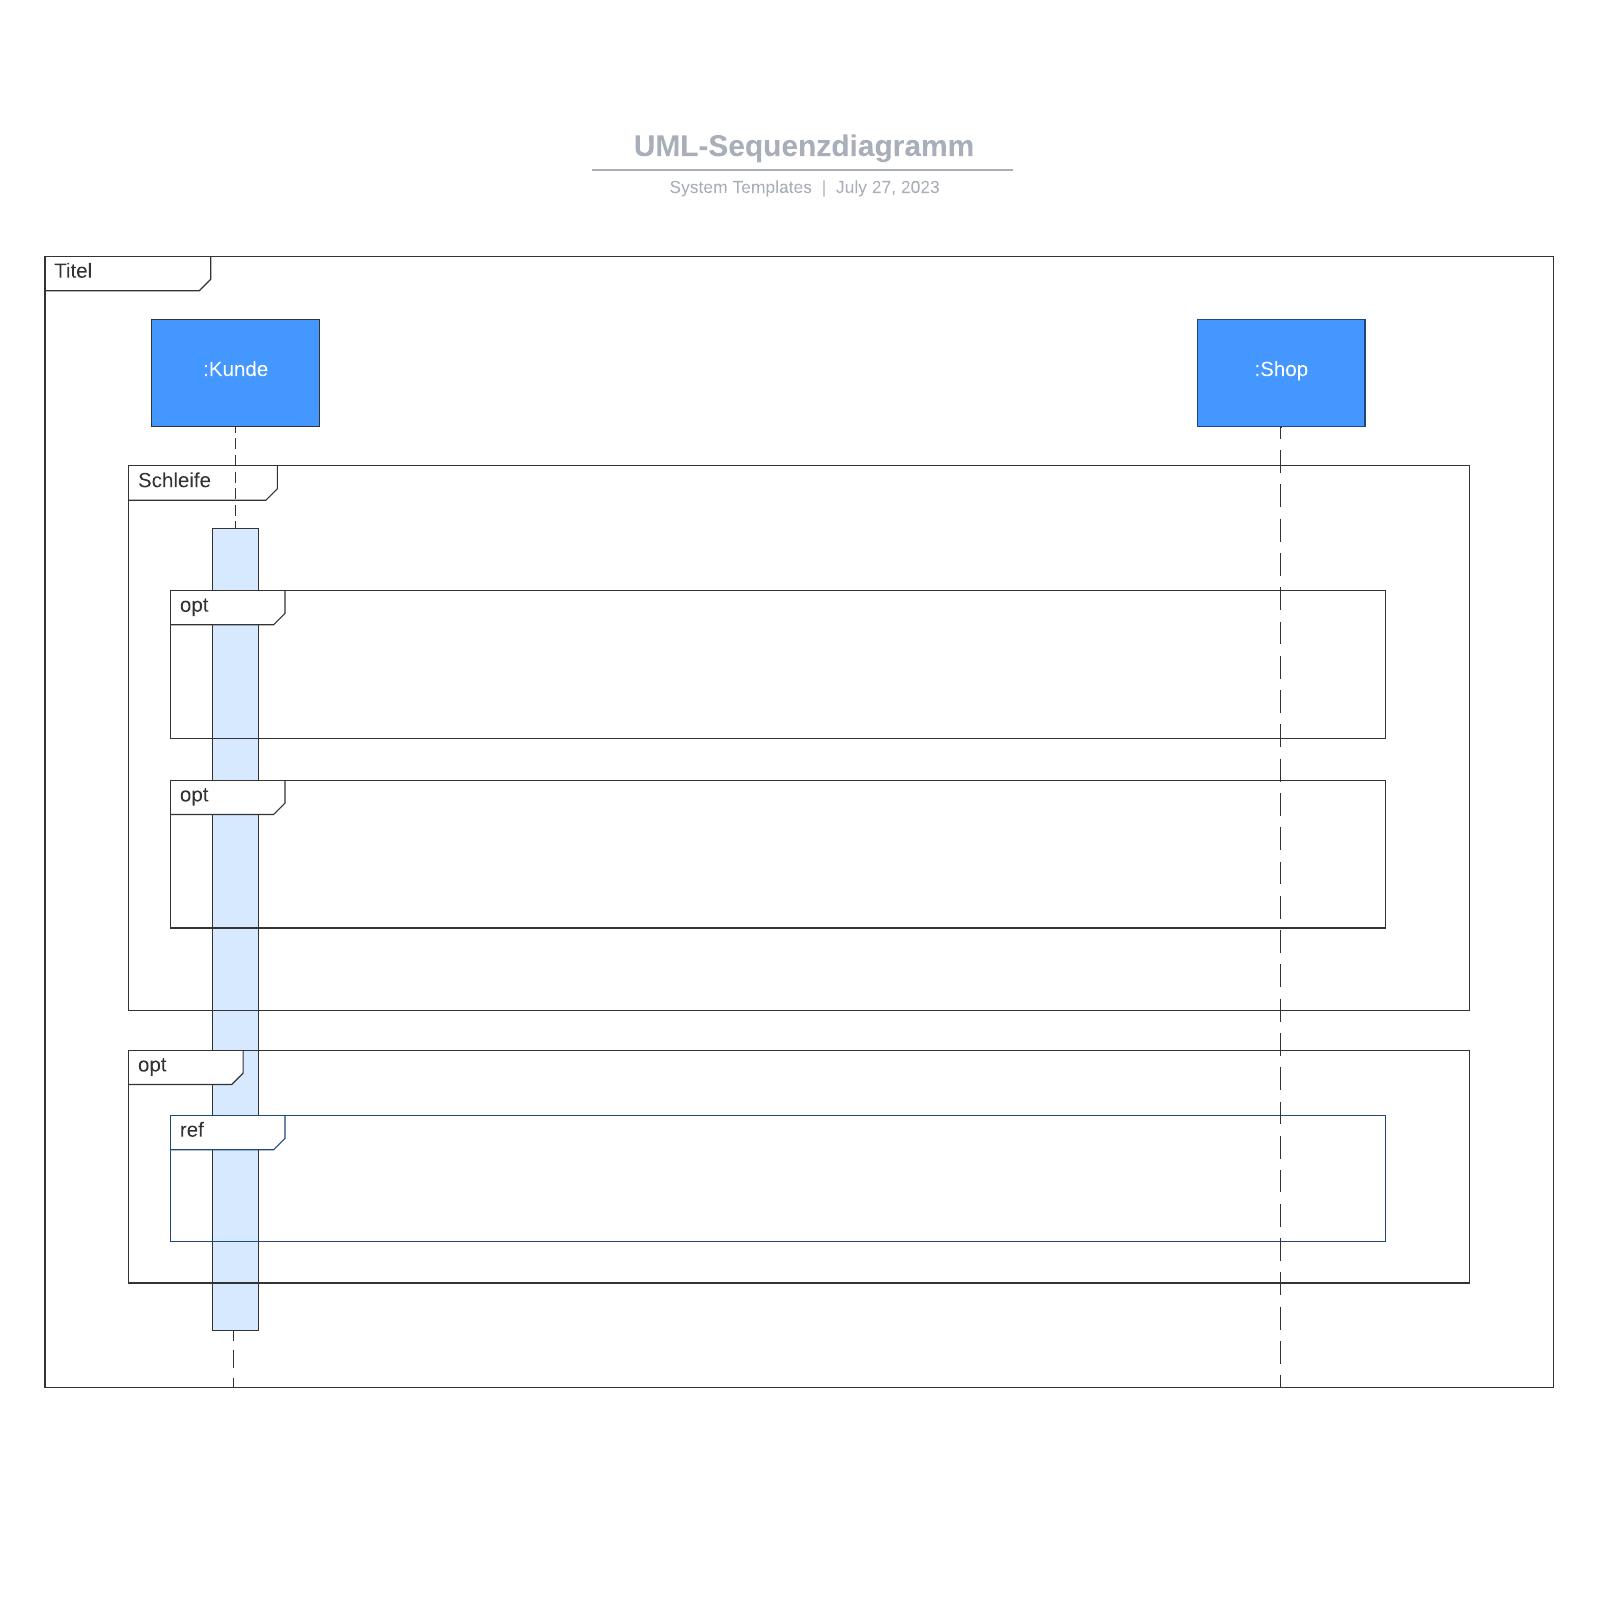 UML Sequenzdiagramm Beispiel